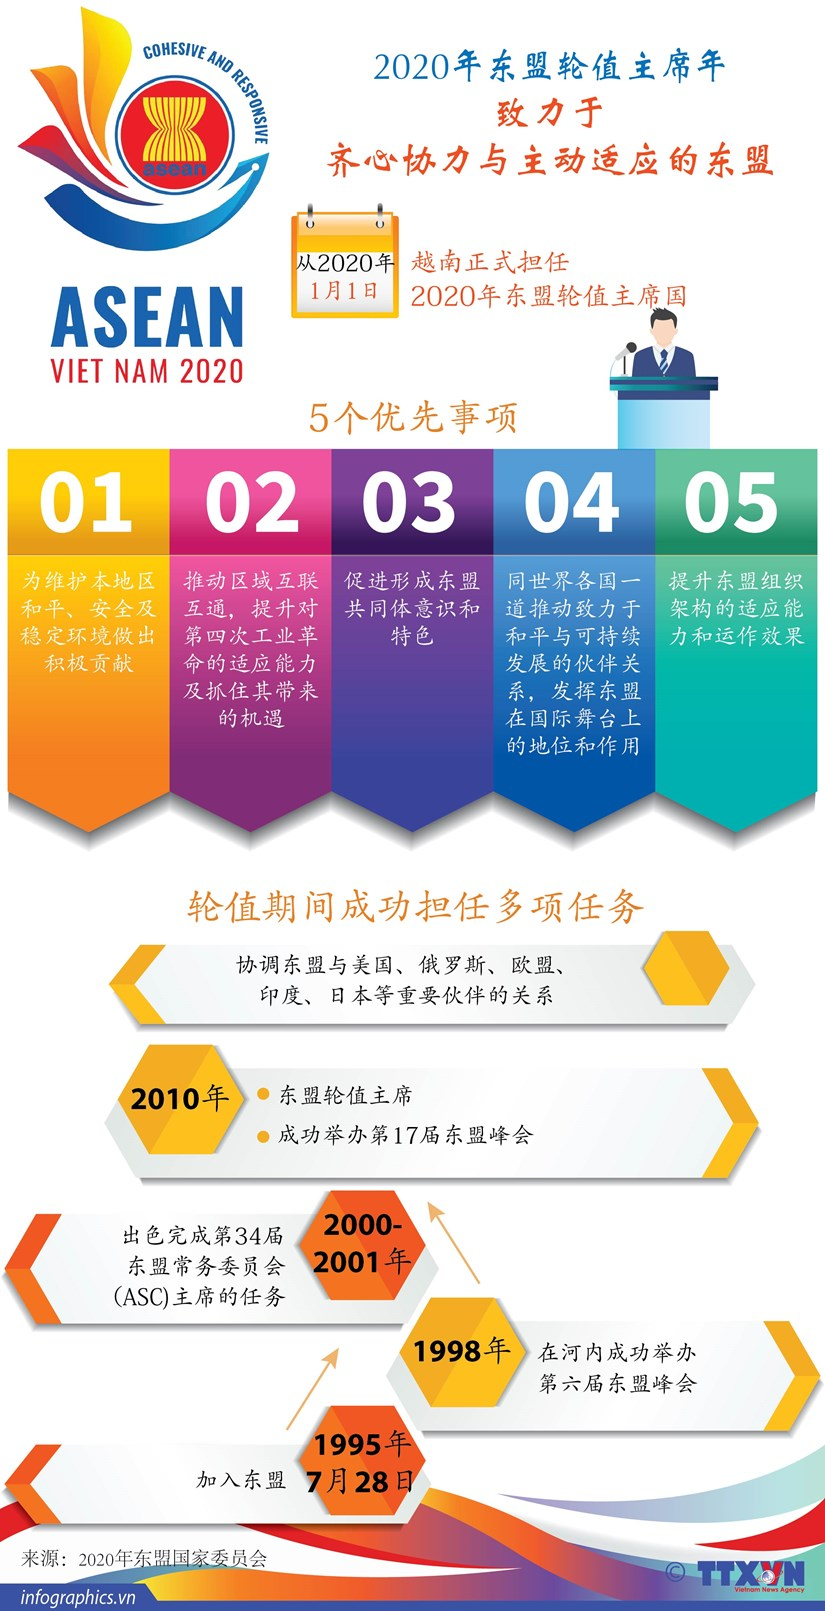 图表新闻:2020年东盟轮值主席年 致力于齐心协力与主动适应的东盟 hinh anh 1